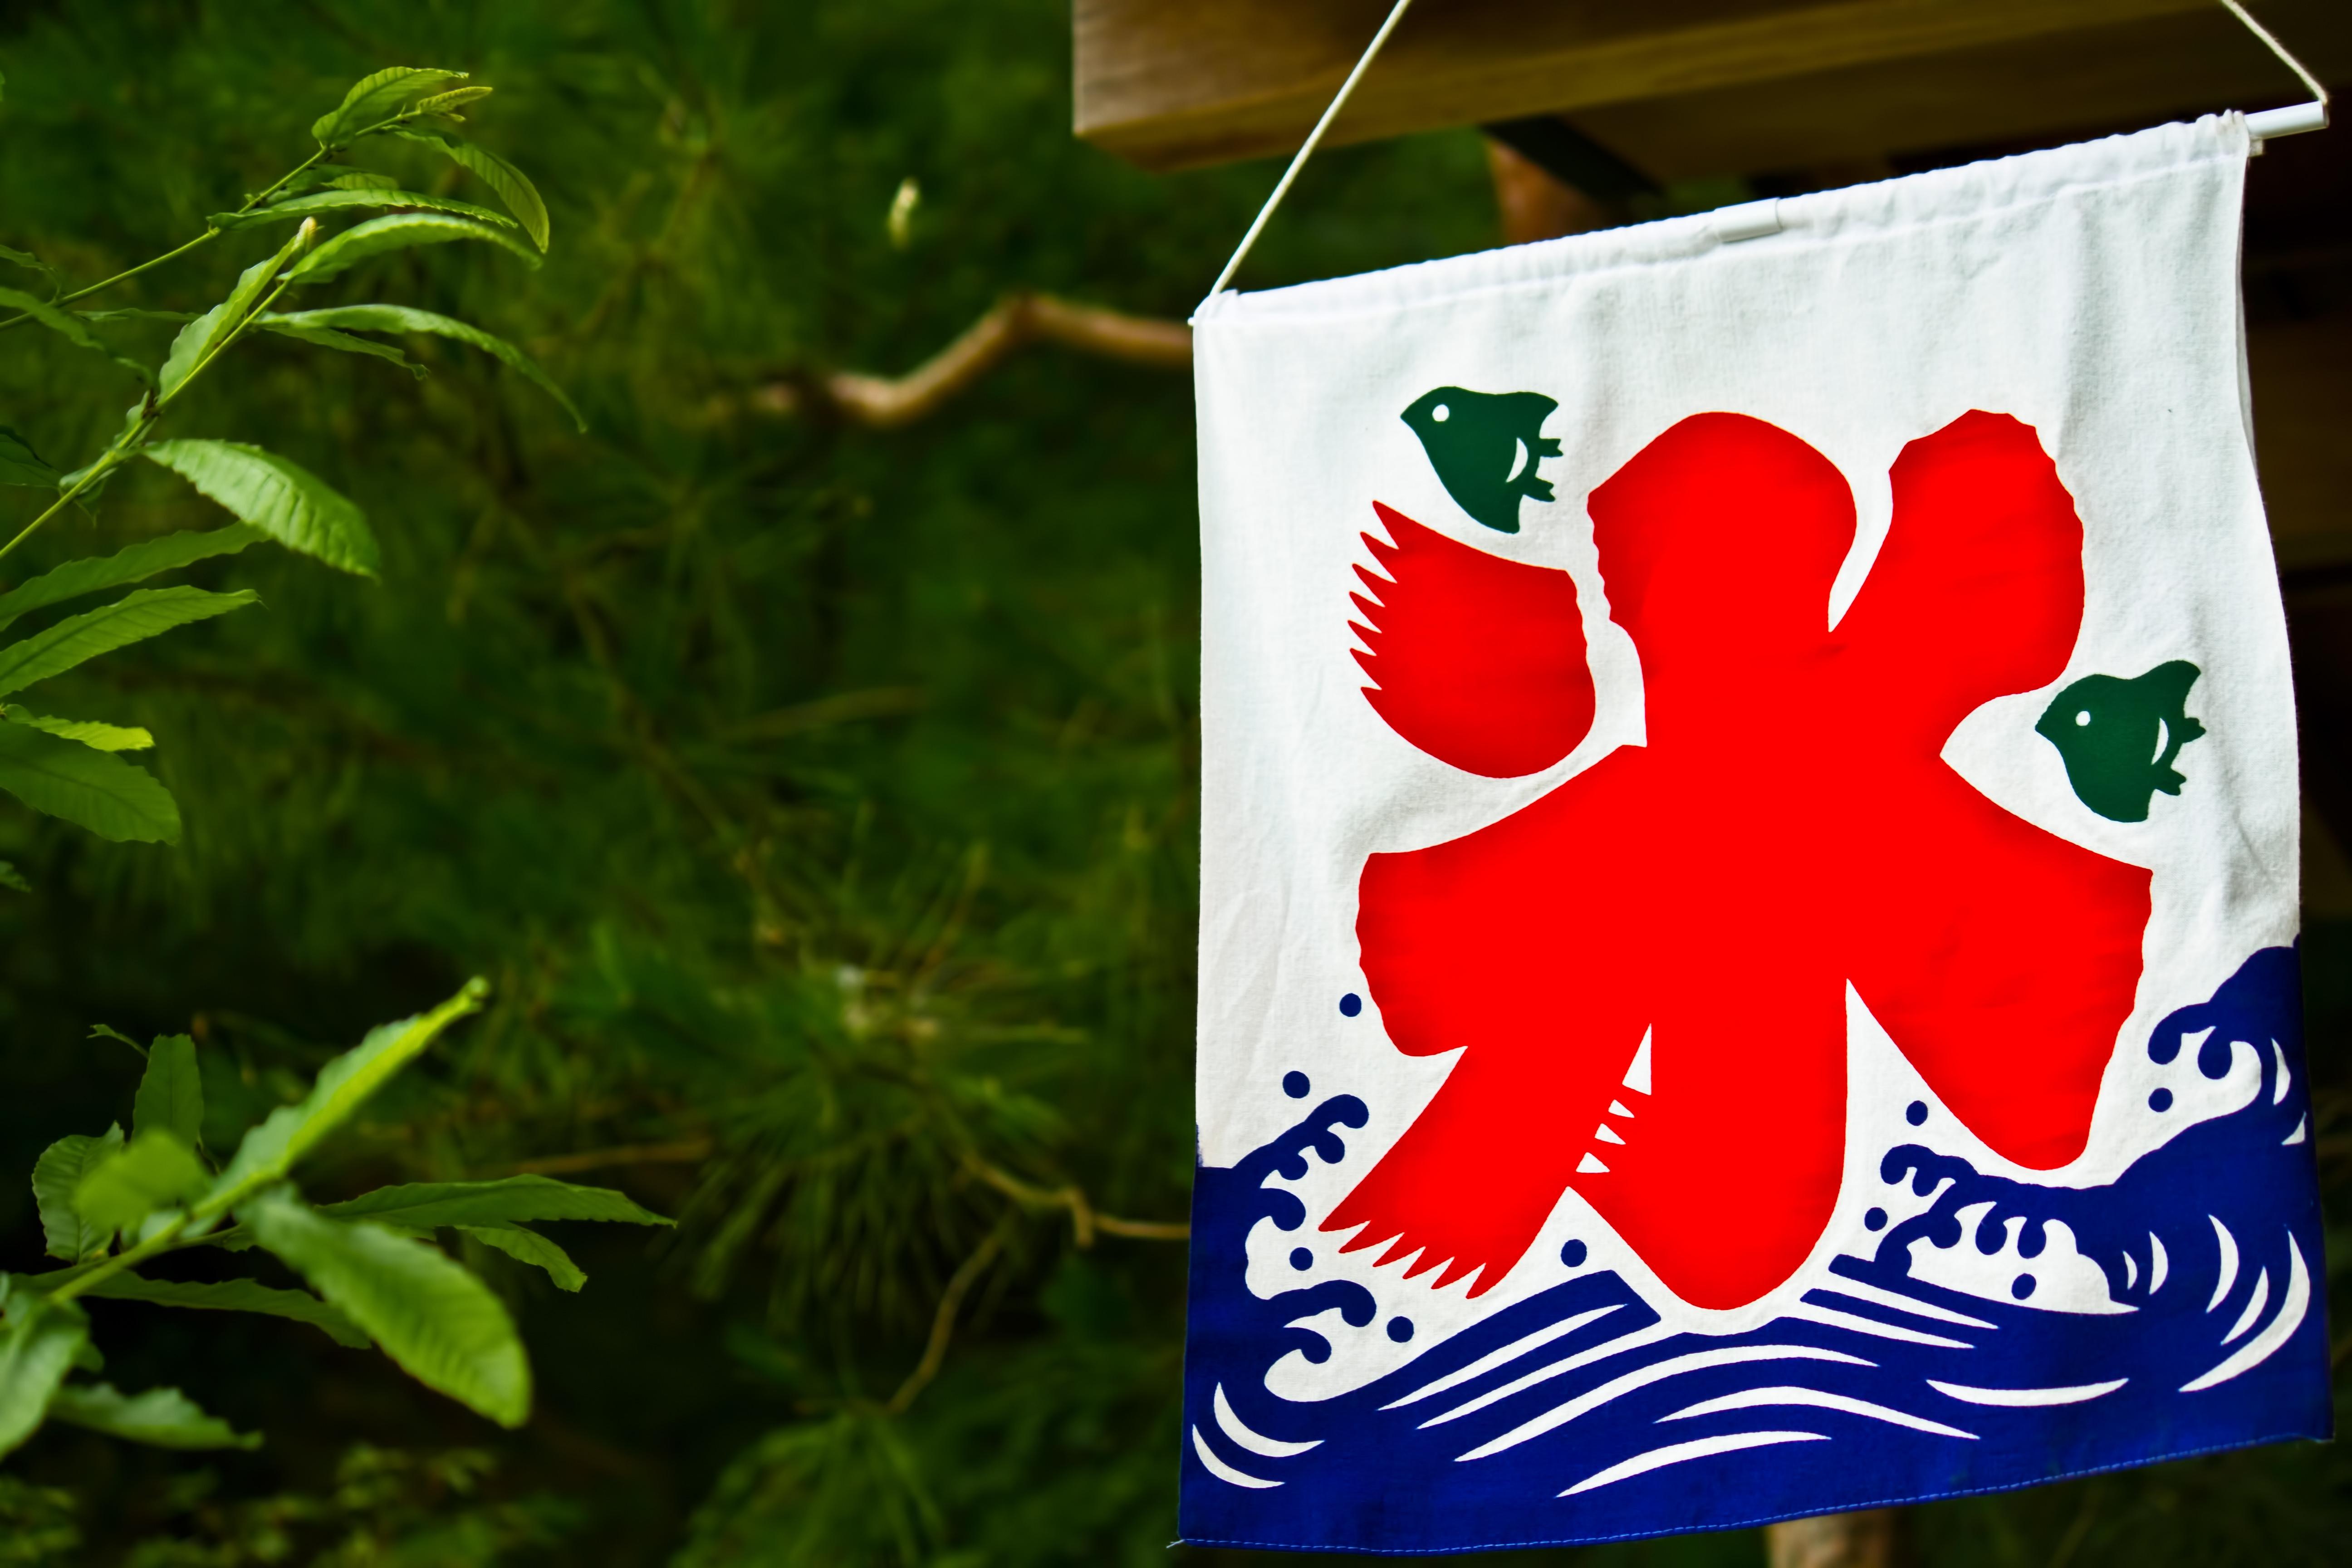 店頭のカキ氷の旗の写真 画像 フリー素材 ぱくたそ